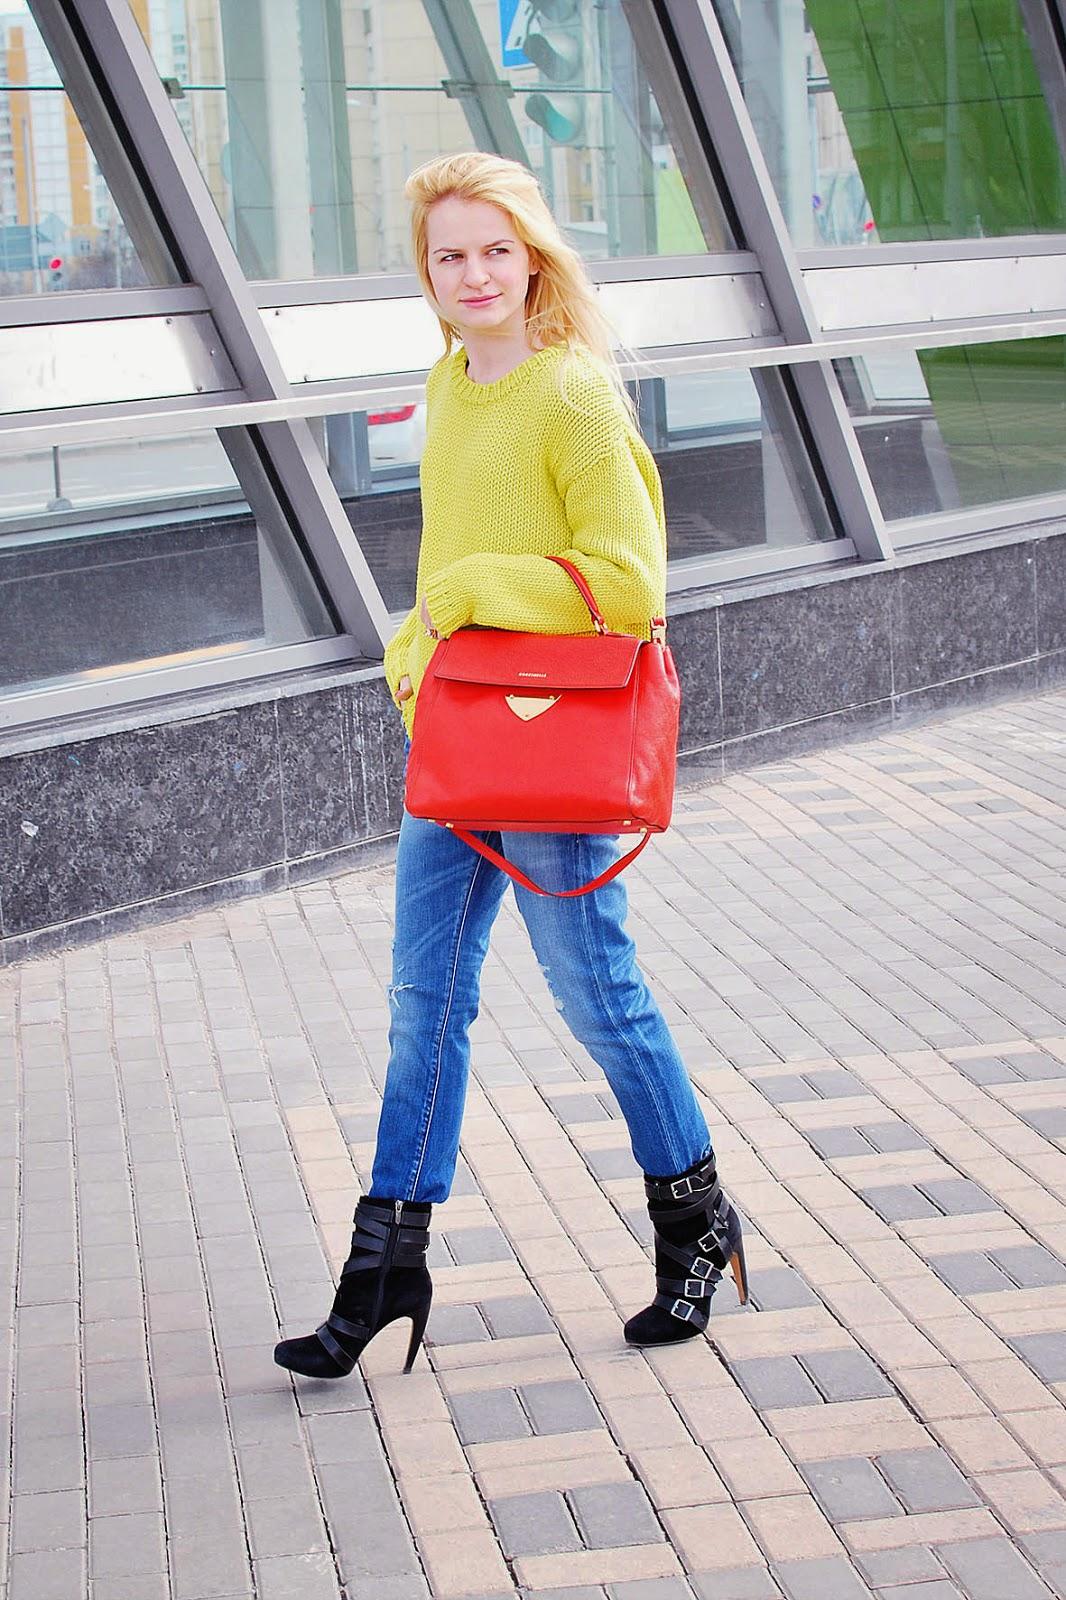 уличная мода, московские блоггеры, модные блоггеры, лук с рваными джинсами, стильные джинсы, мода весна 2015